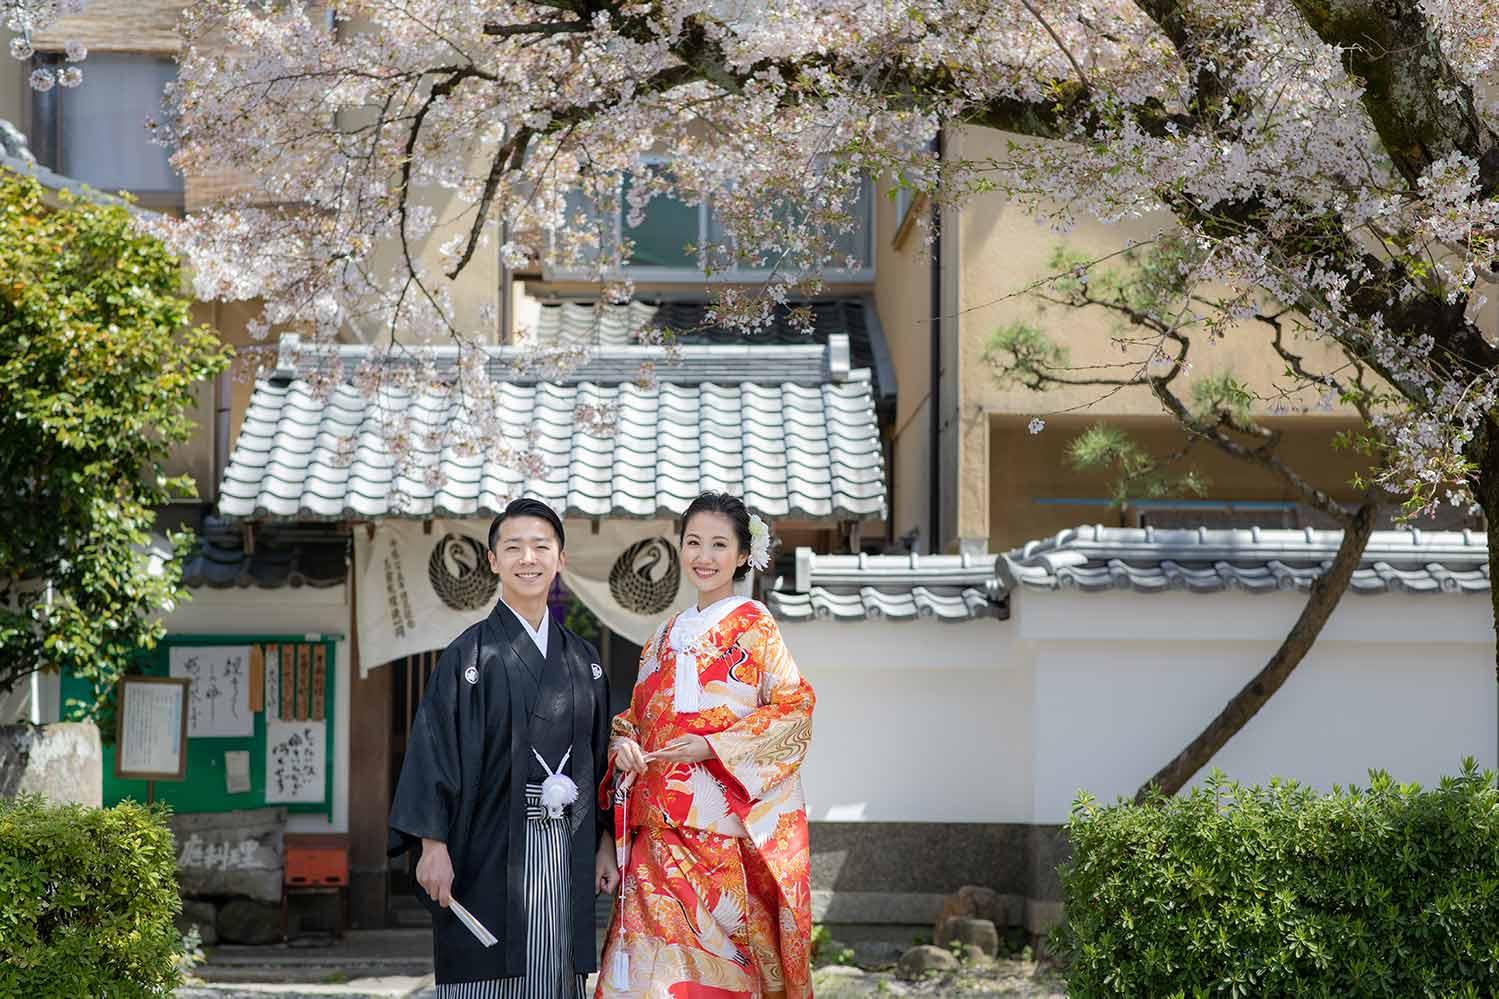 色打掛でのお寺での結婚写真